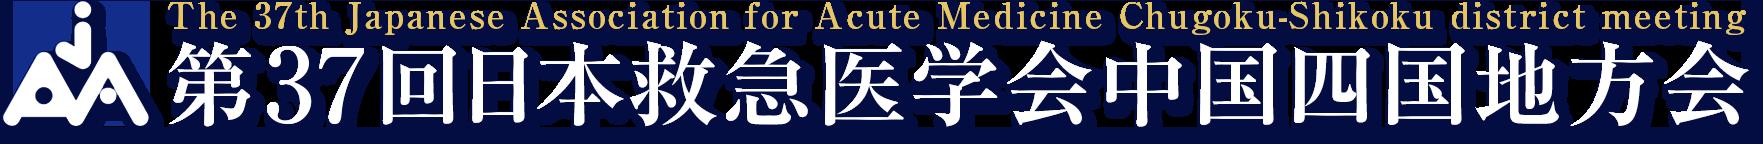 第37回日本救急医学会中国四国地方会